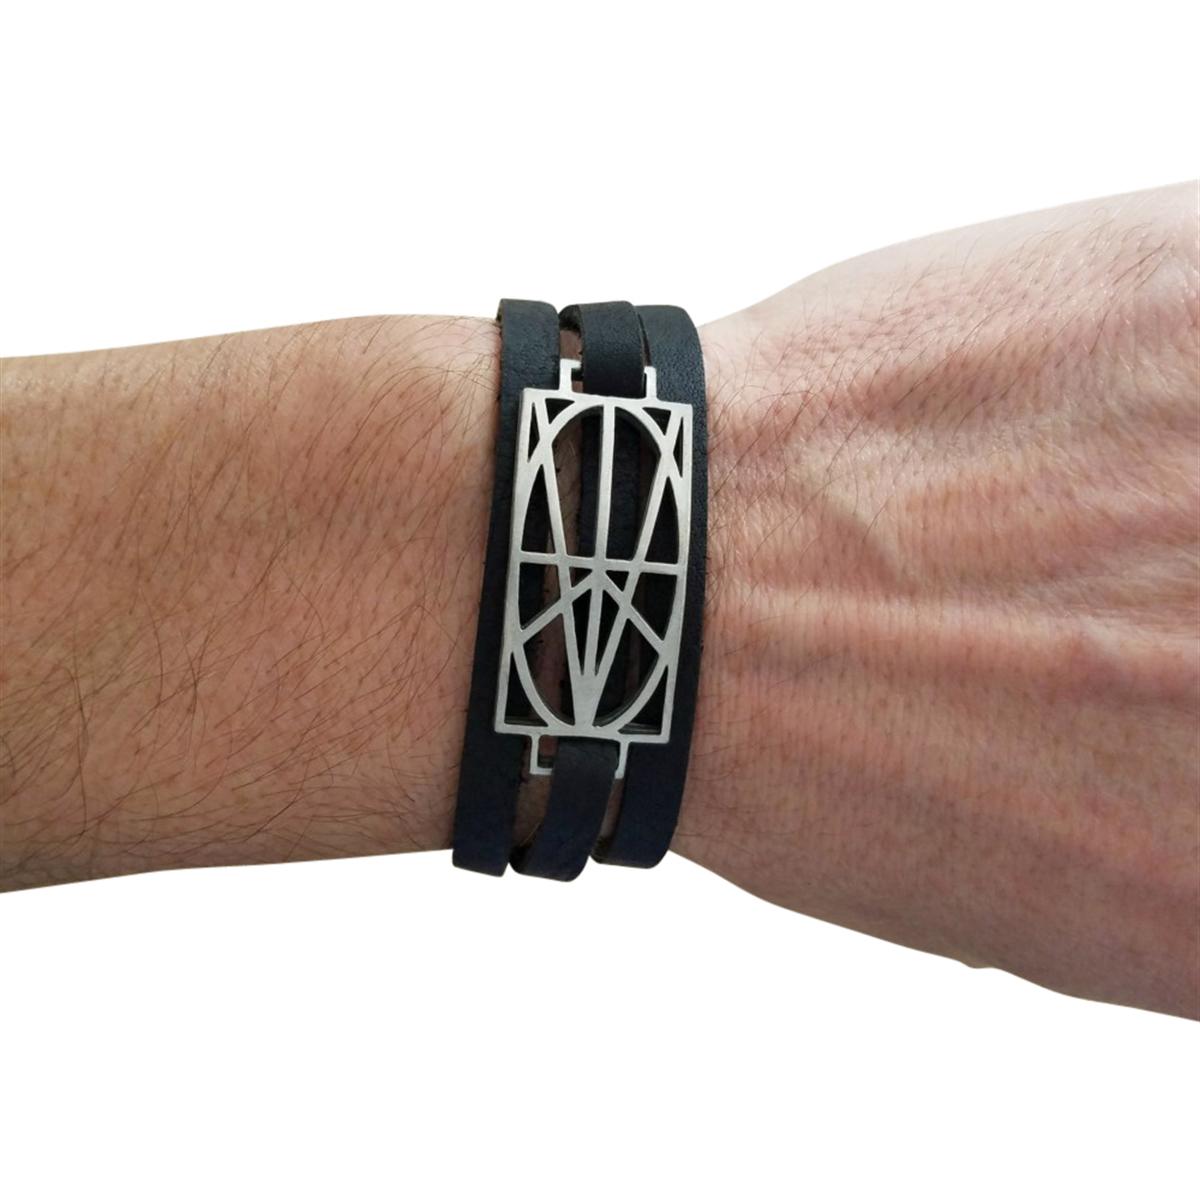 Picture of Men's Black Leather Wrap Bracelet